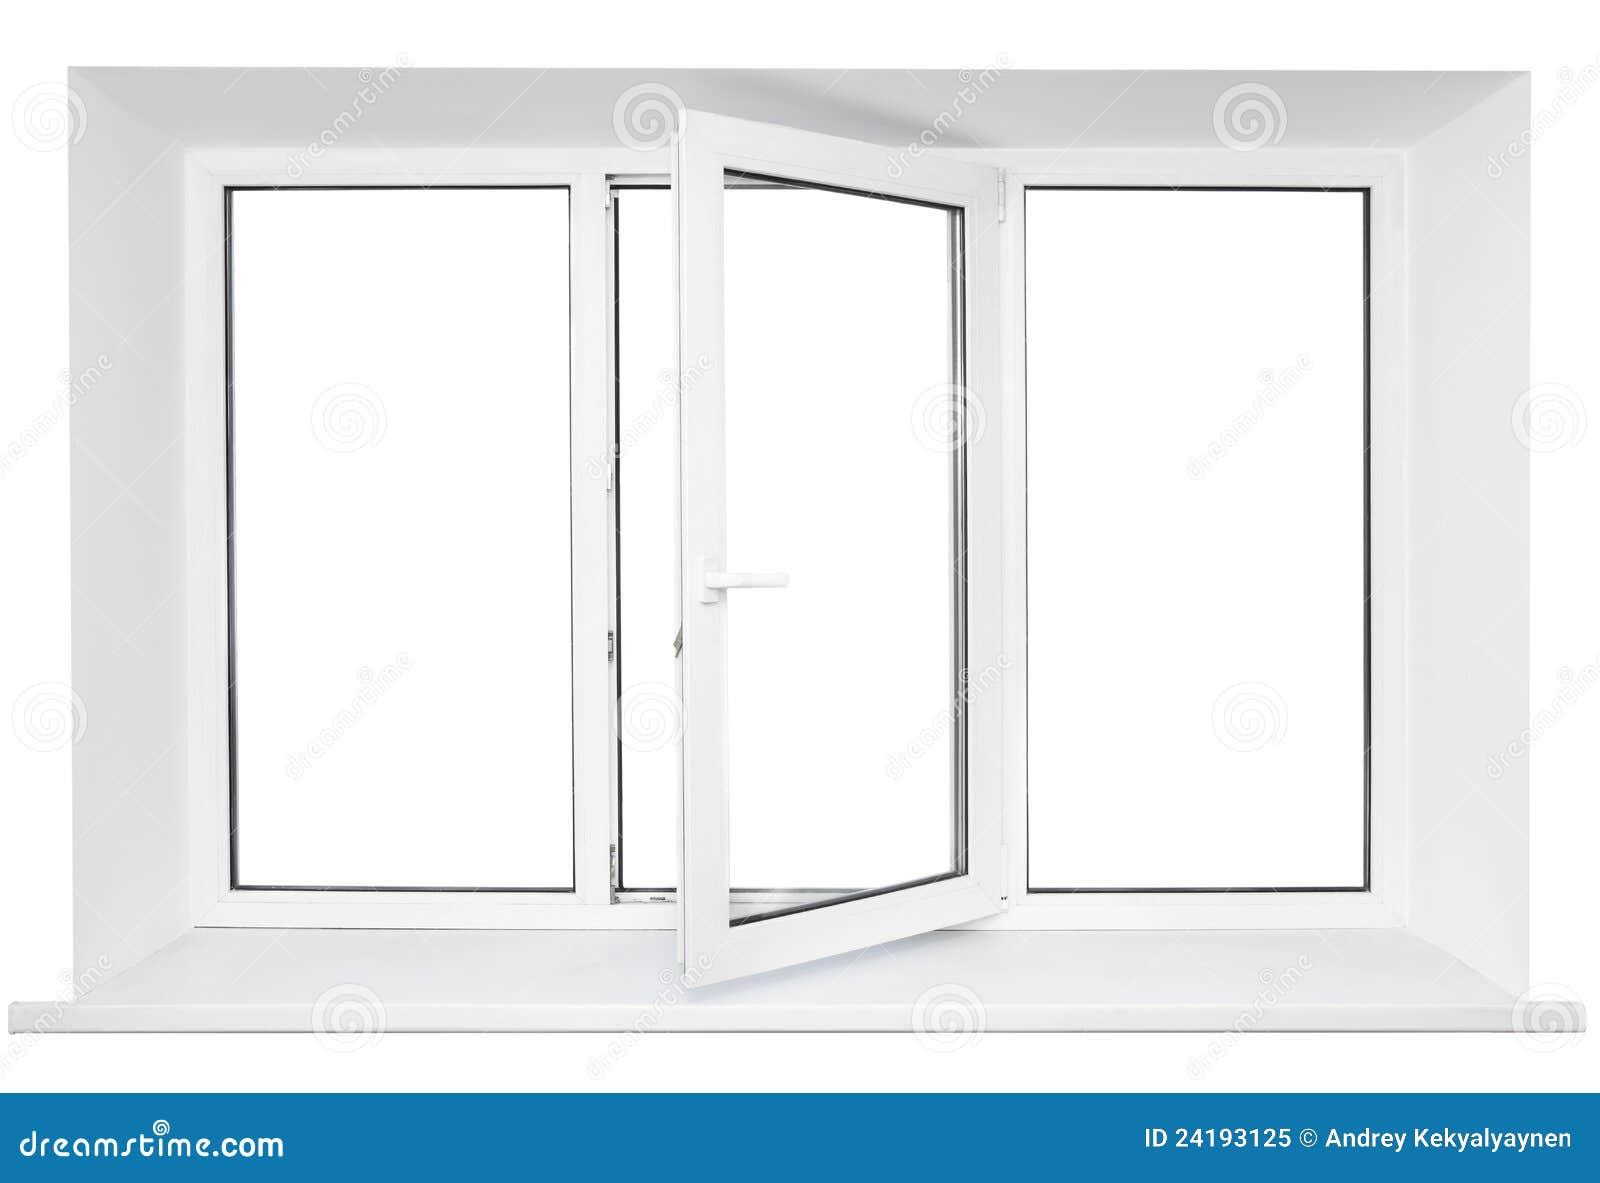 White Plastic Window Frame Stock Image Of Inside